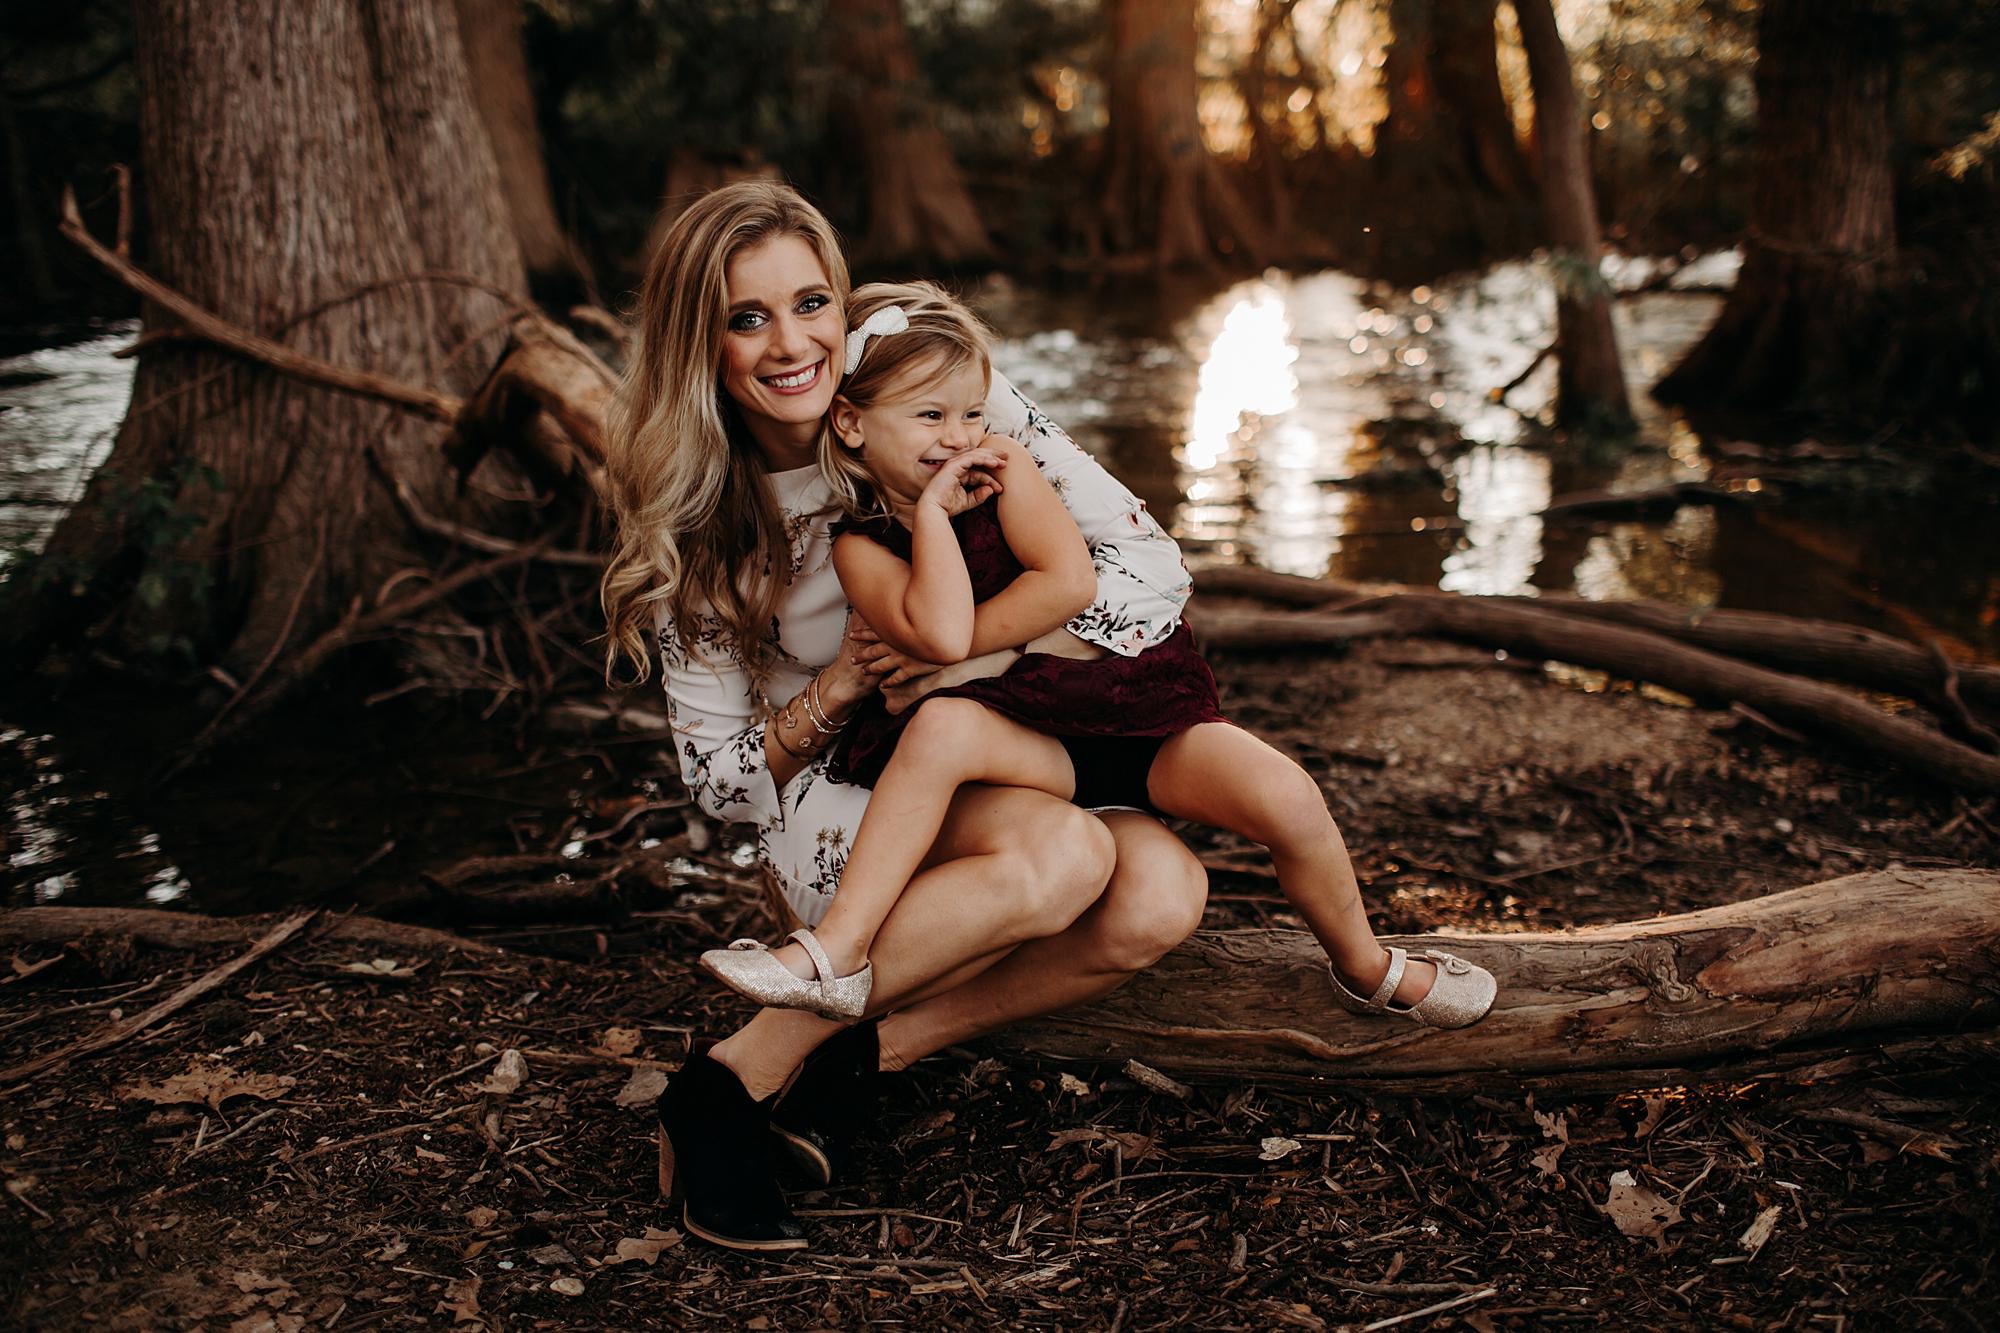 Perkins-San-Antonio-Family-Photographer-23_WEB.jpg